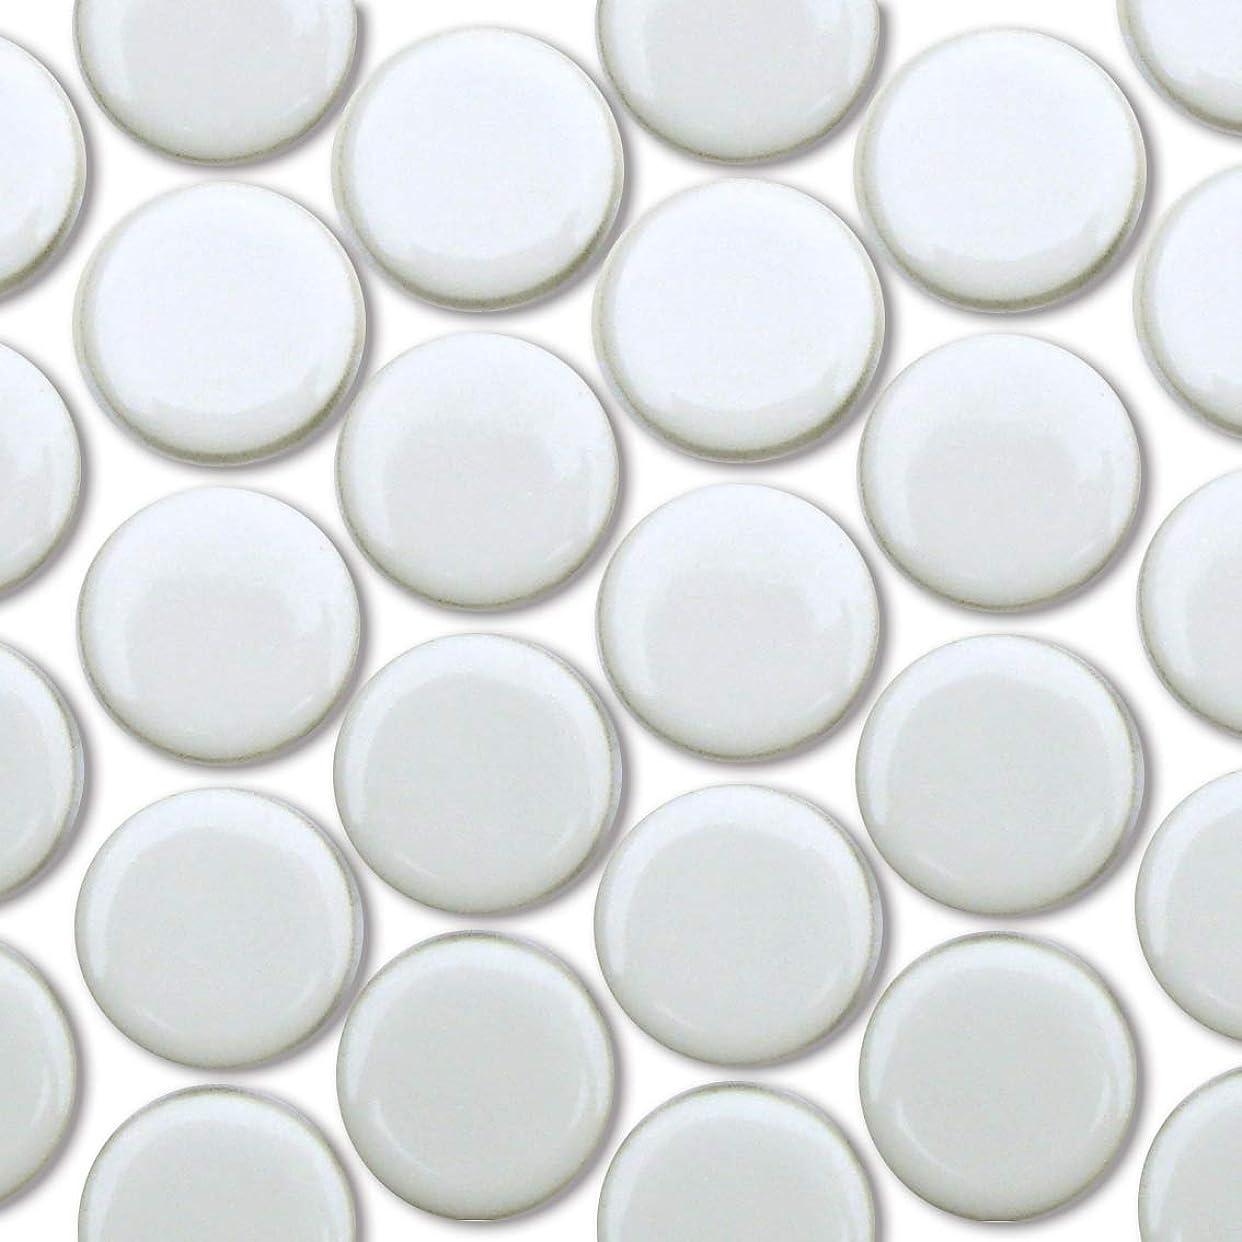 精神環境挑発するモザイクタイル 19mm丸 ホワイト